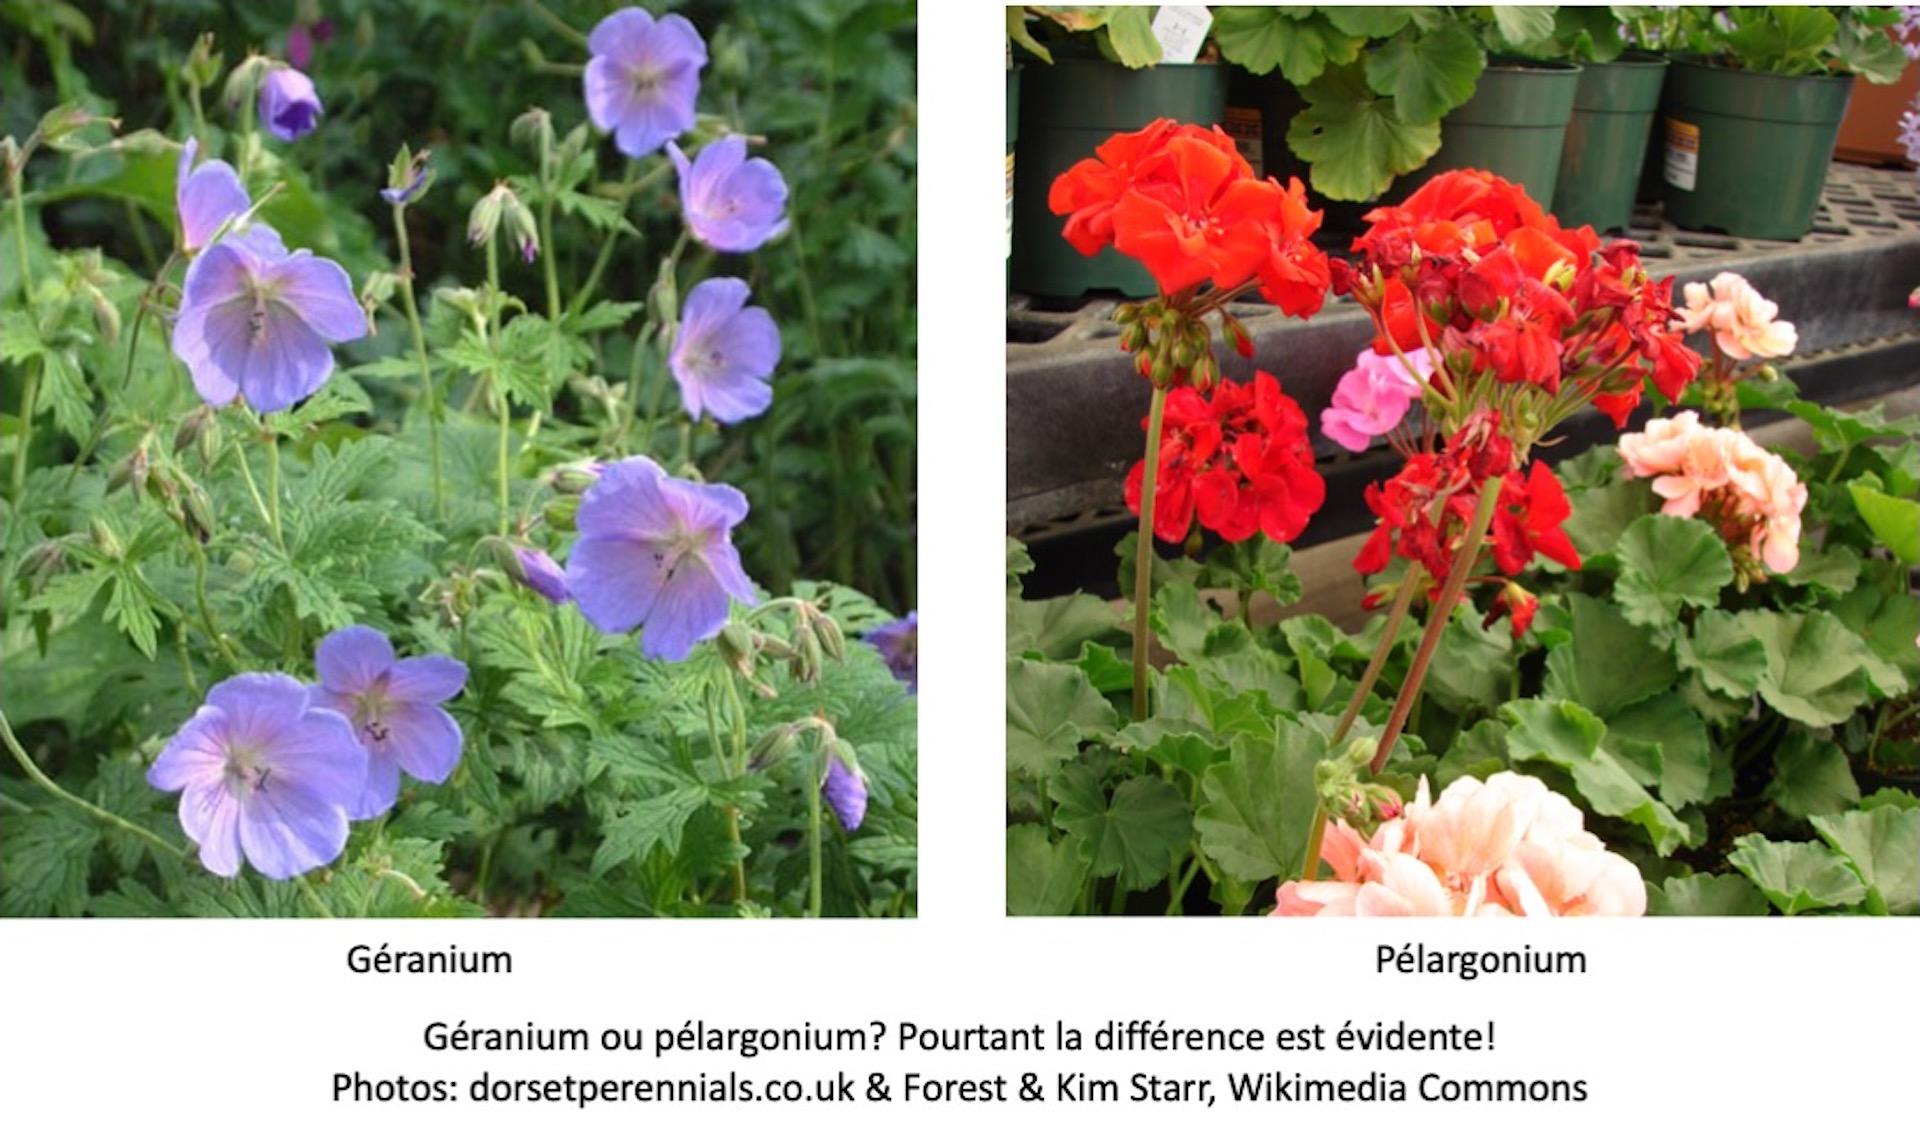 Géranium à fleurs bleu violet, pélargonium à fleurs rouges.